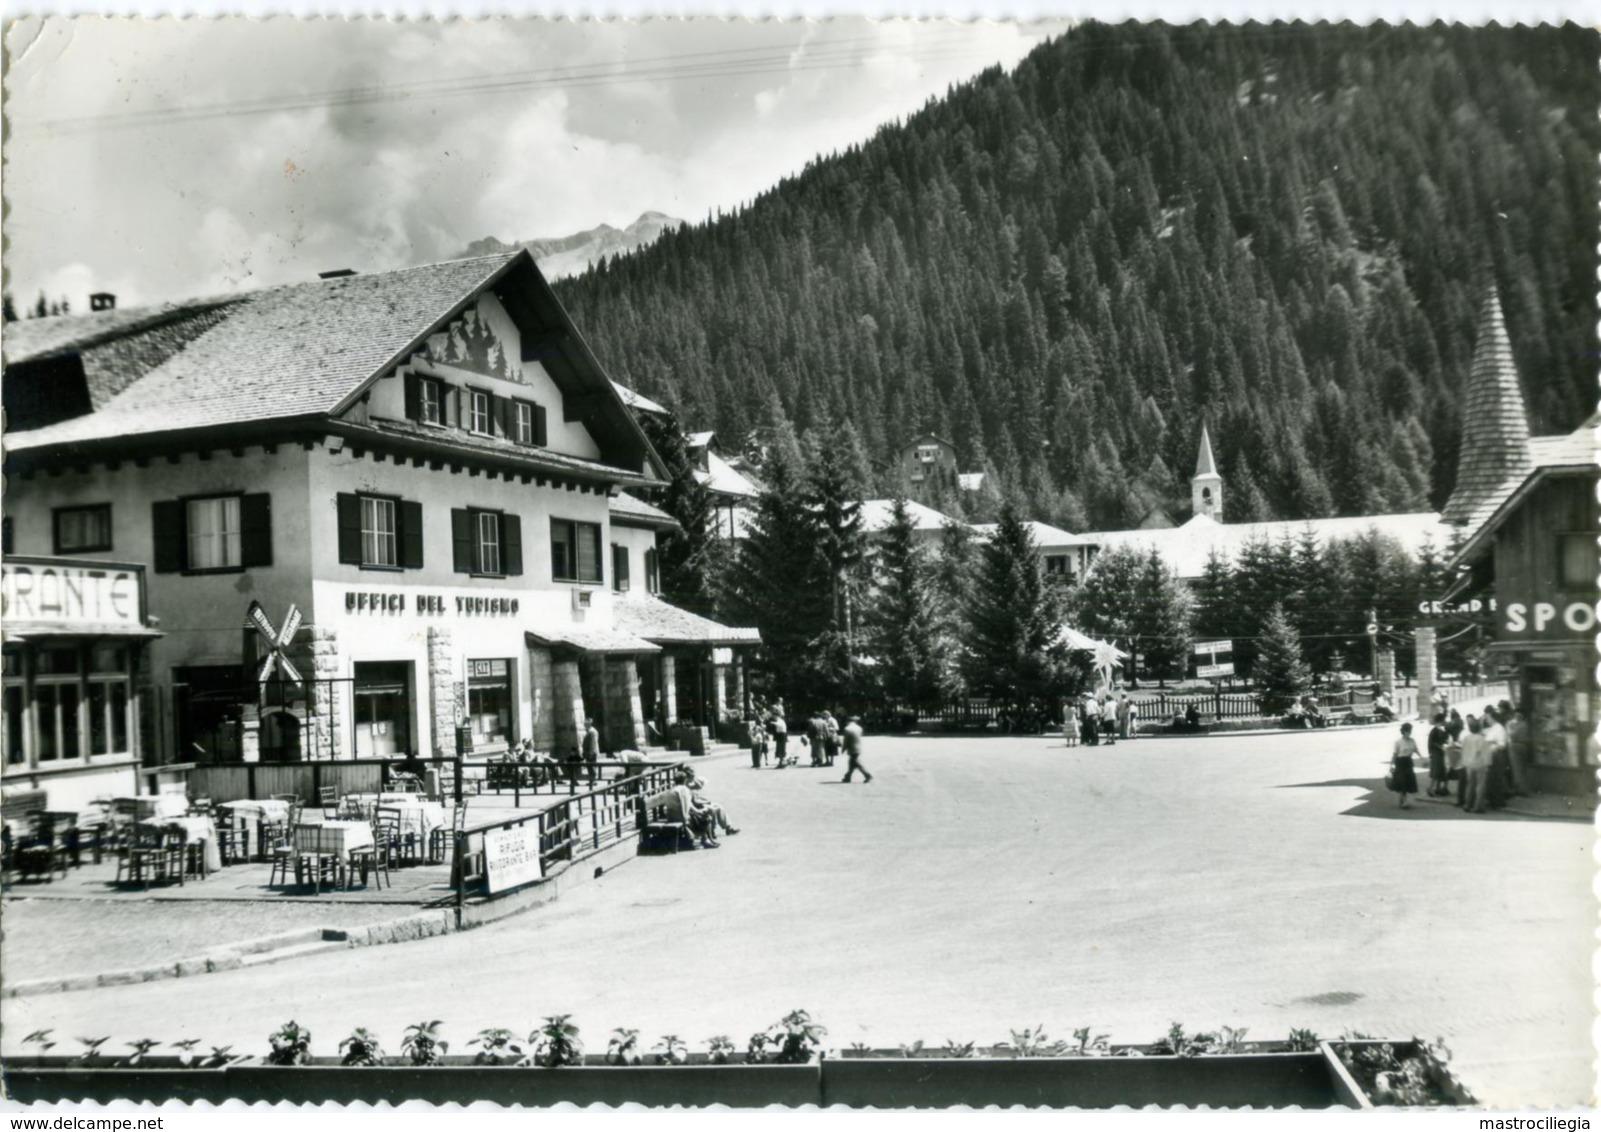 MADONNA DI CAMPIGLIO  TRENTO  Dolomiti Di Brenta  Uffici Del Turismo - Trento